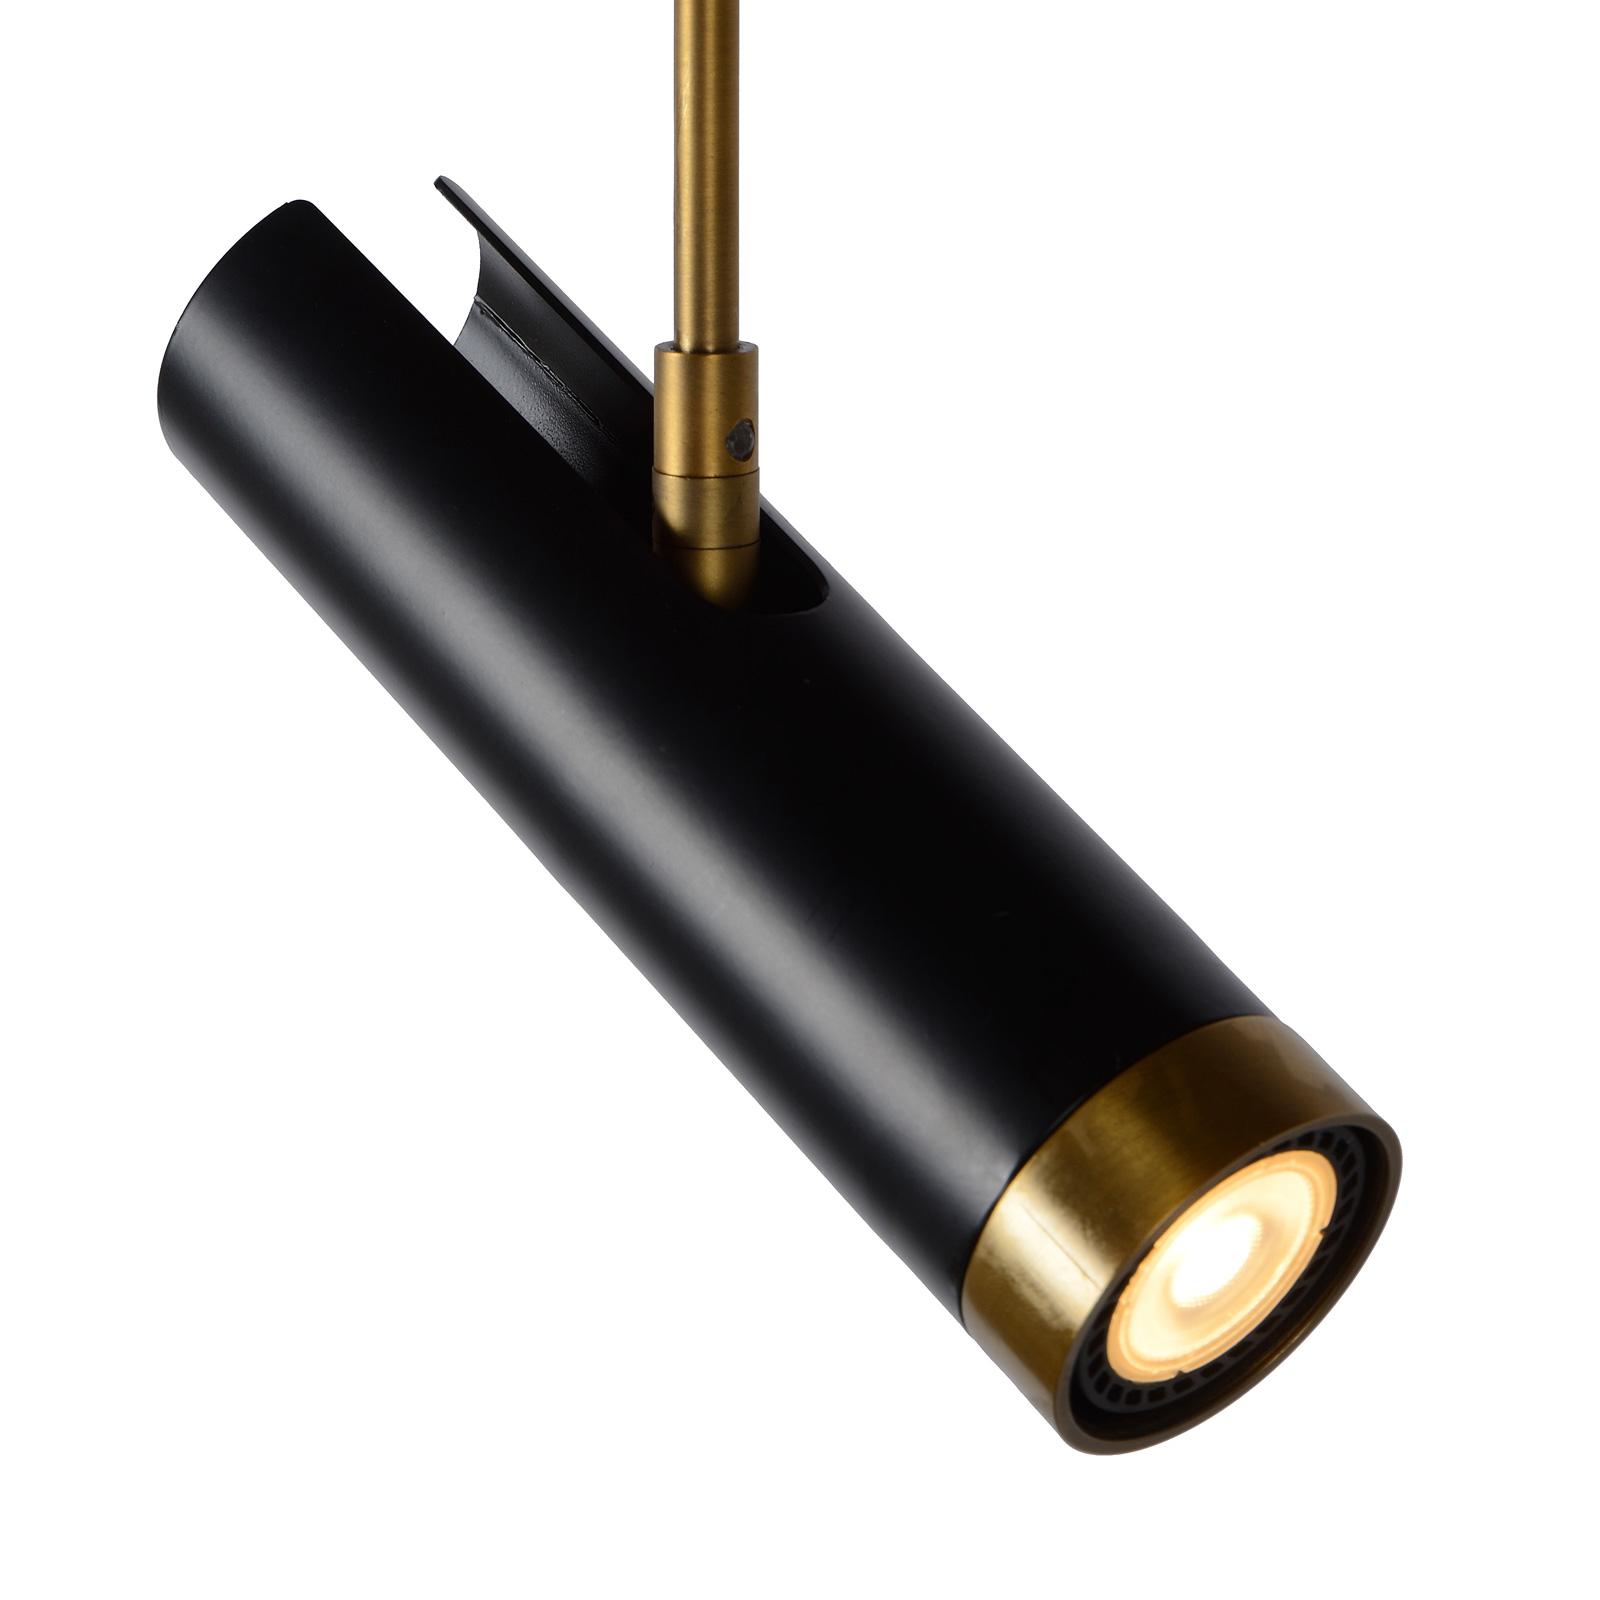 Selin hængelampe, drejelig og vipbar, sort